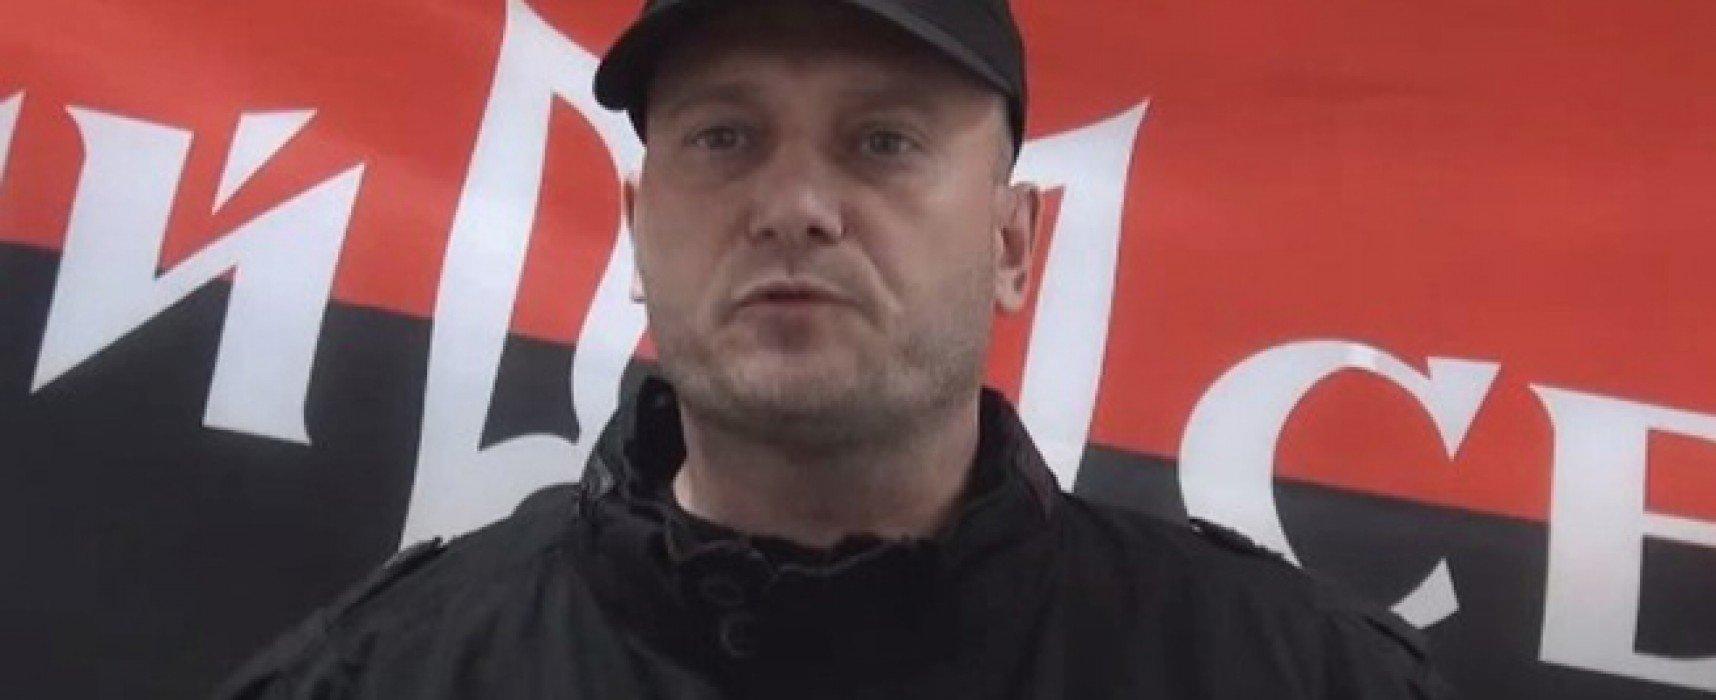 Ярош не заявлял о том, что его батальоны продолжают атаки после объявления перемирия